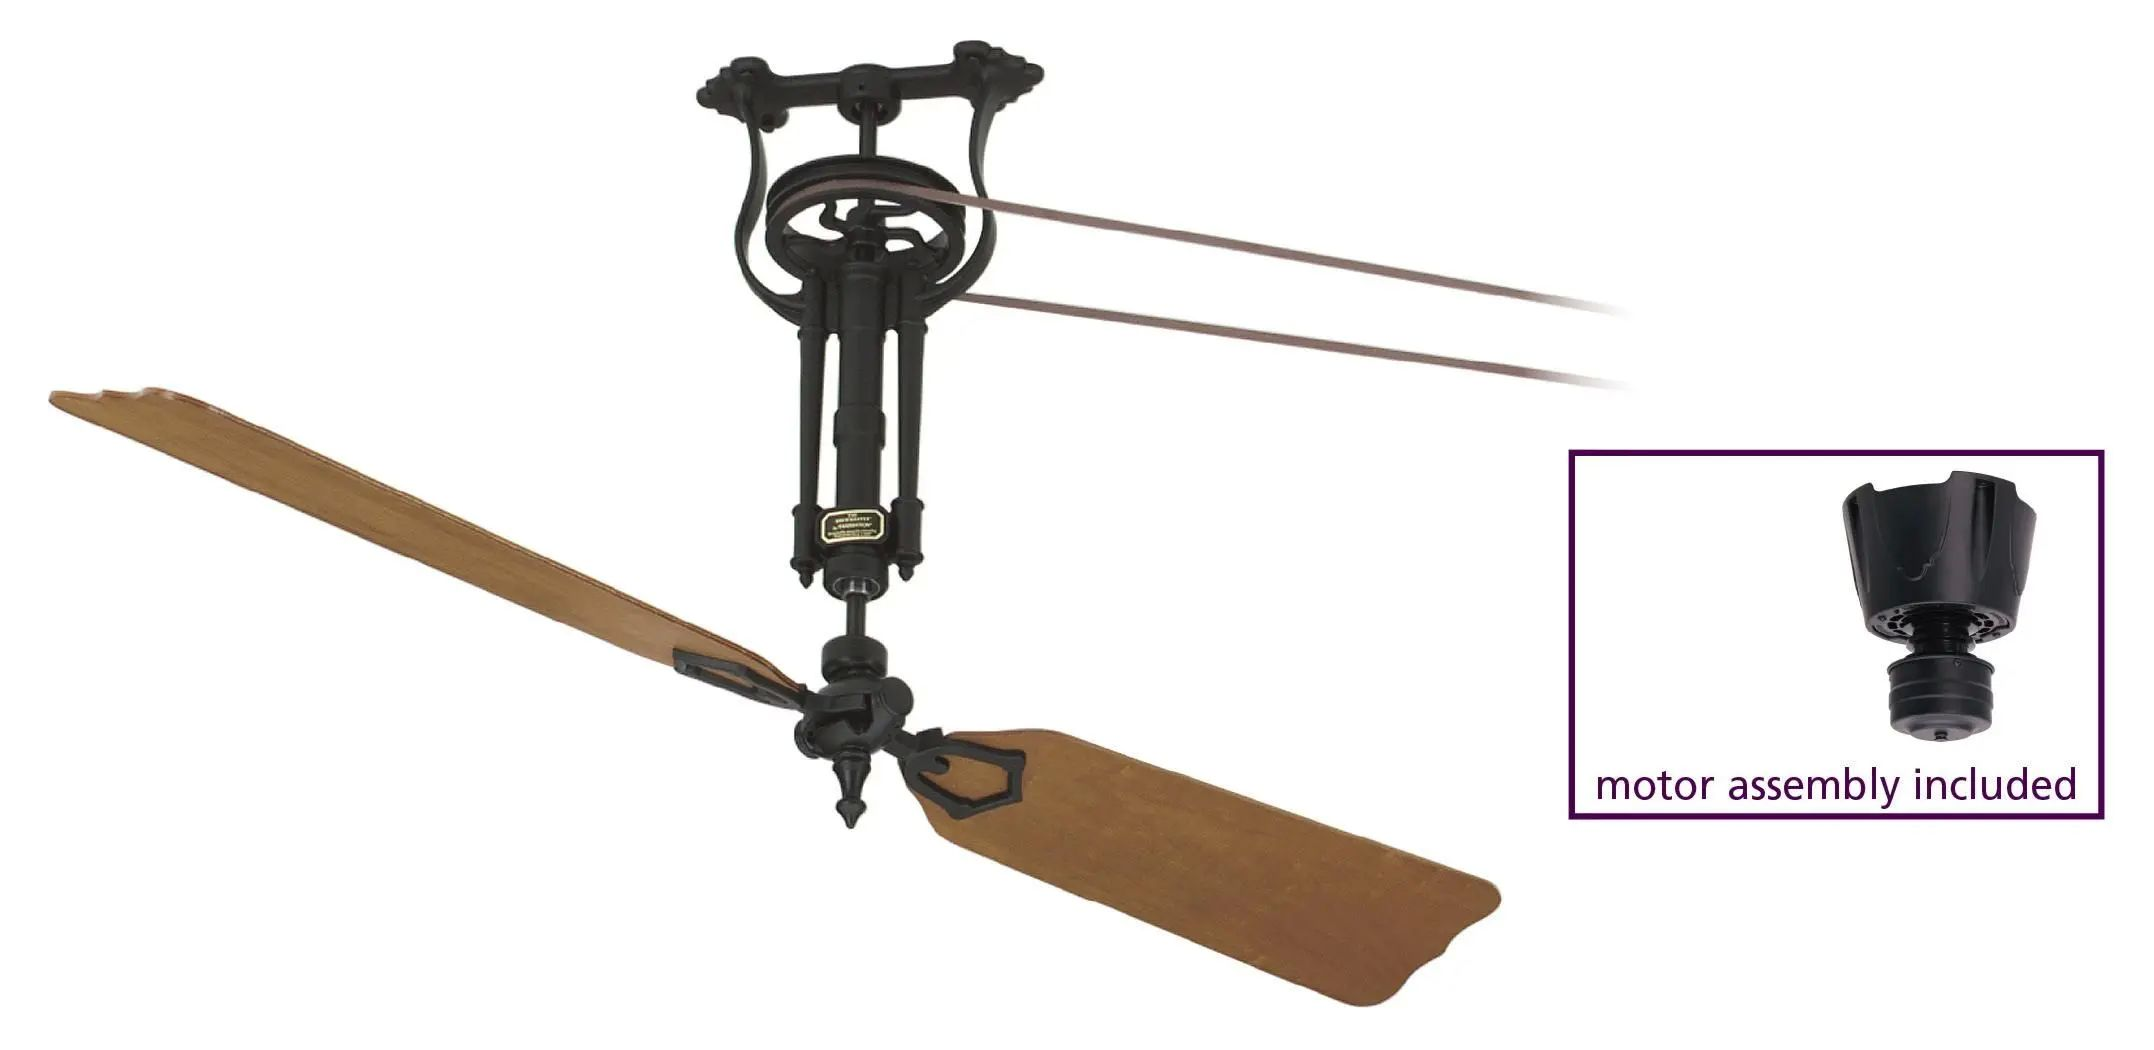 Fanimation Single Brewmaster Long Neck Belt Drive Ceiling Fan in Black